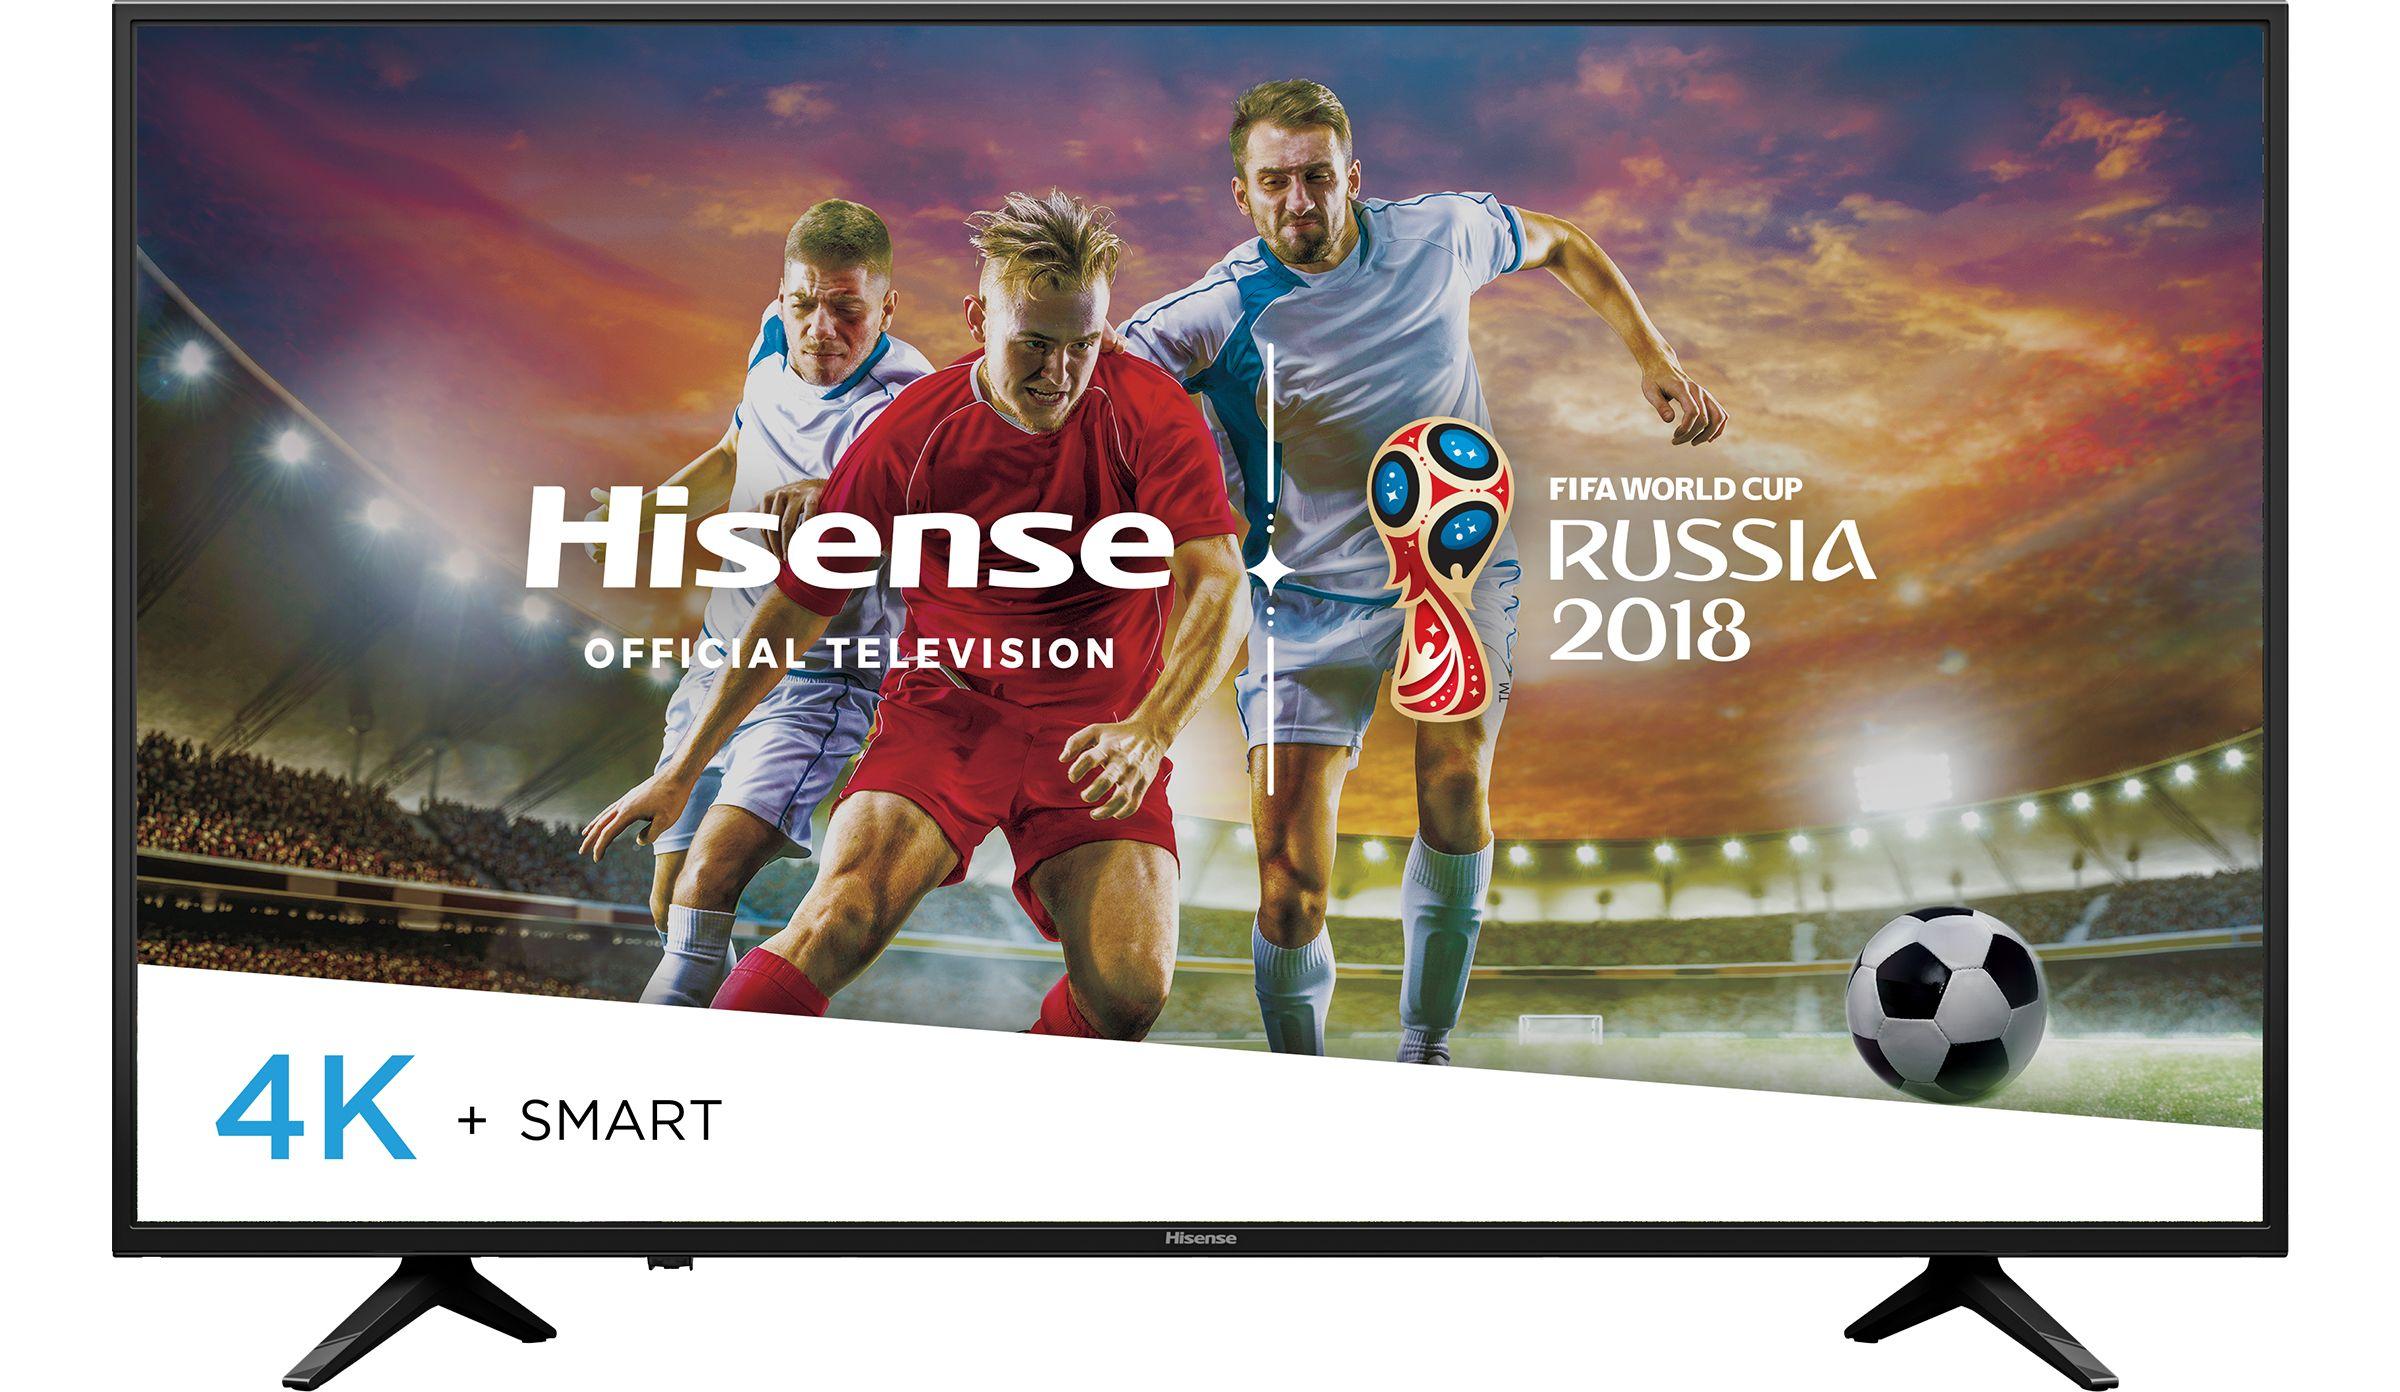 This Sale on Hisense Smart TVs Saves You $150